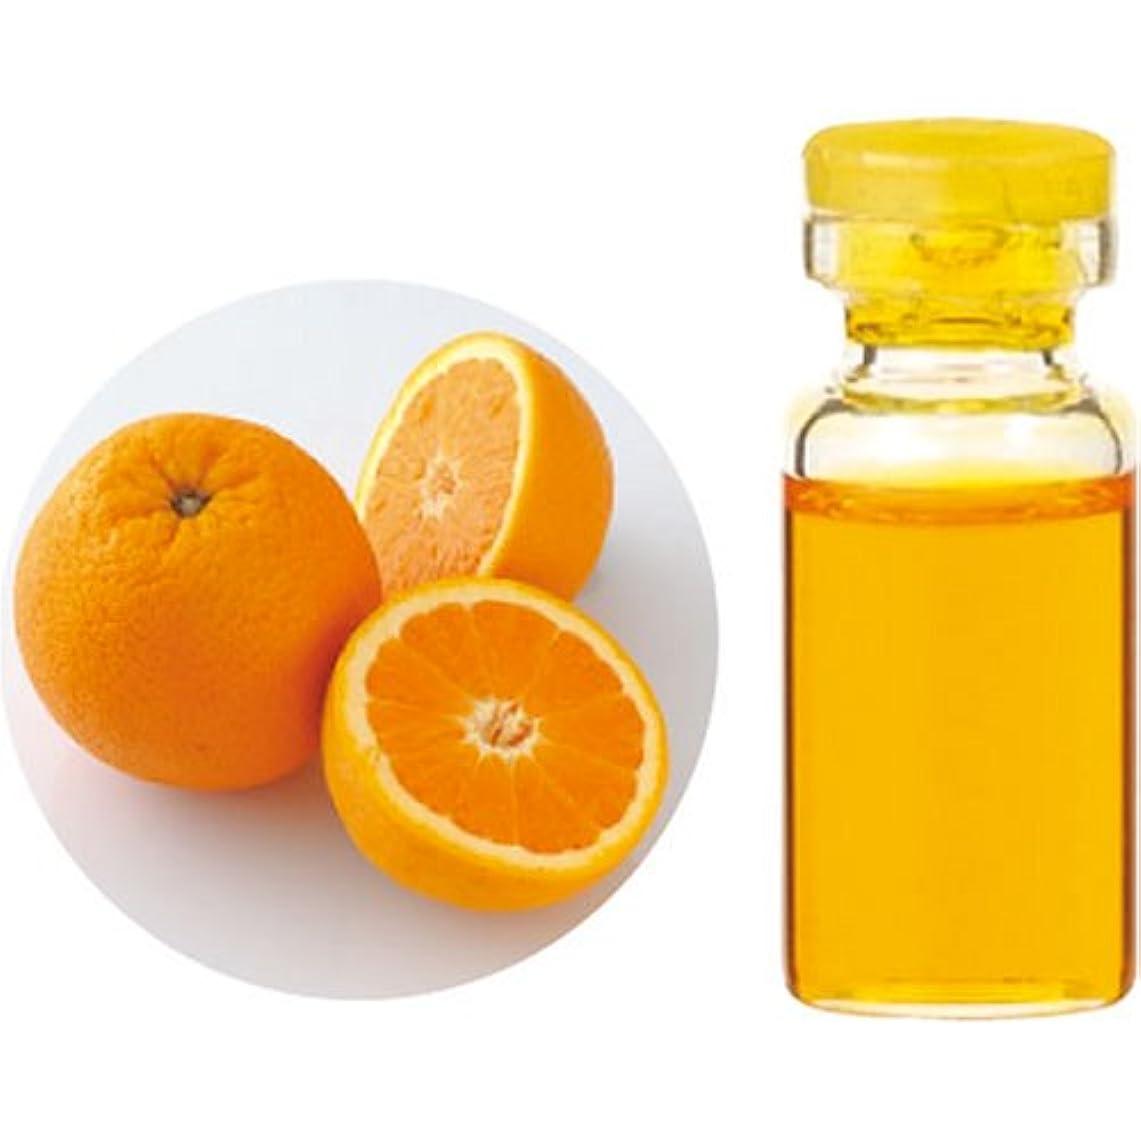 支払いすき預言者HerbalLife スィートオレンジ 10ml